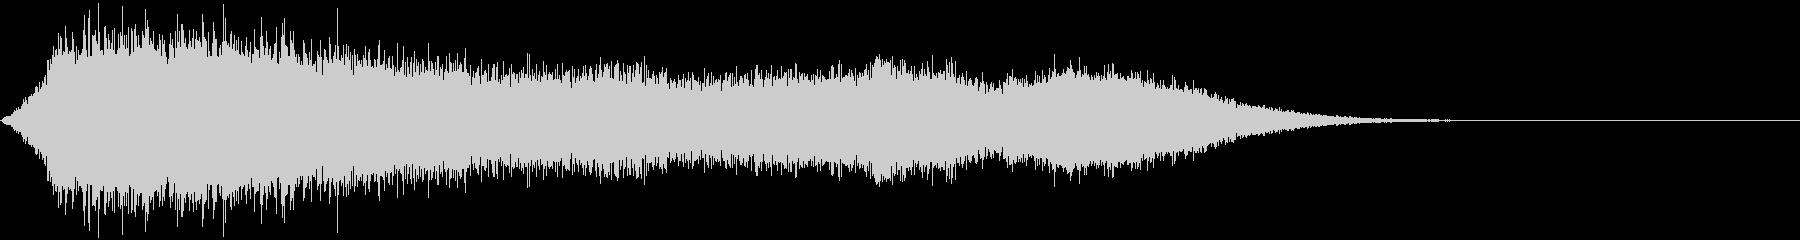 【ホラーゲーム】SFX_22 出現の未再生の波形